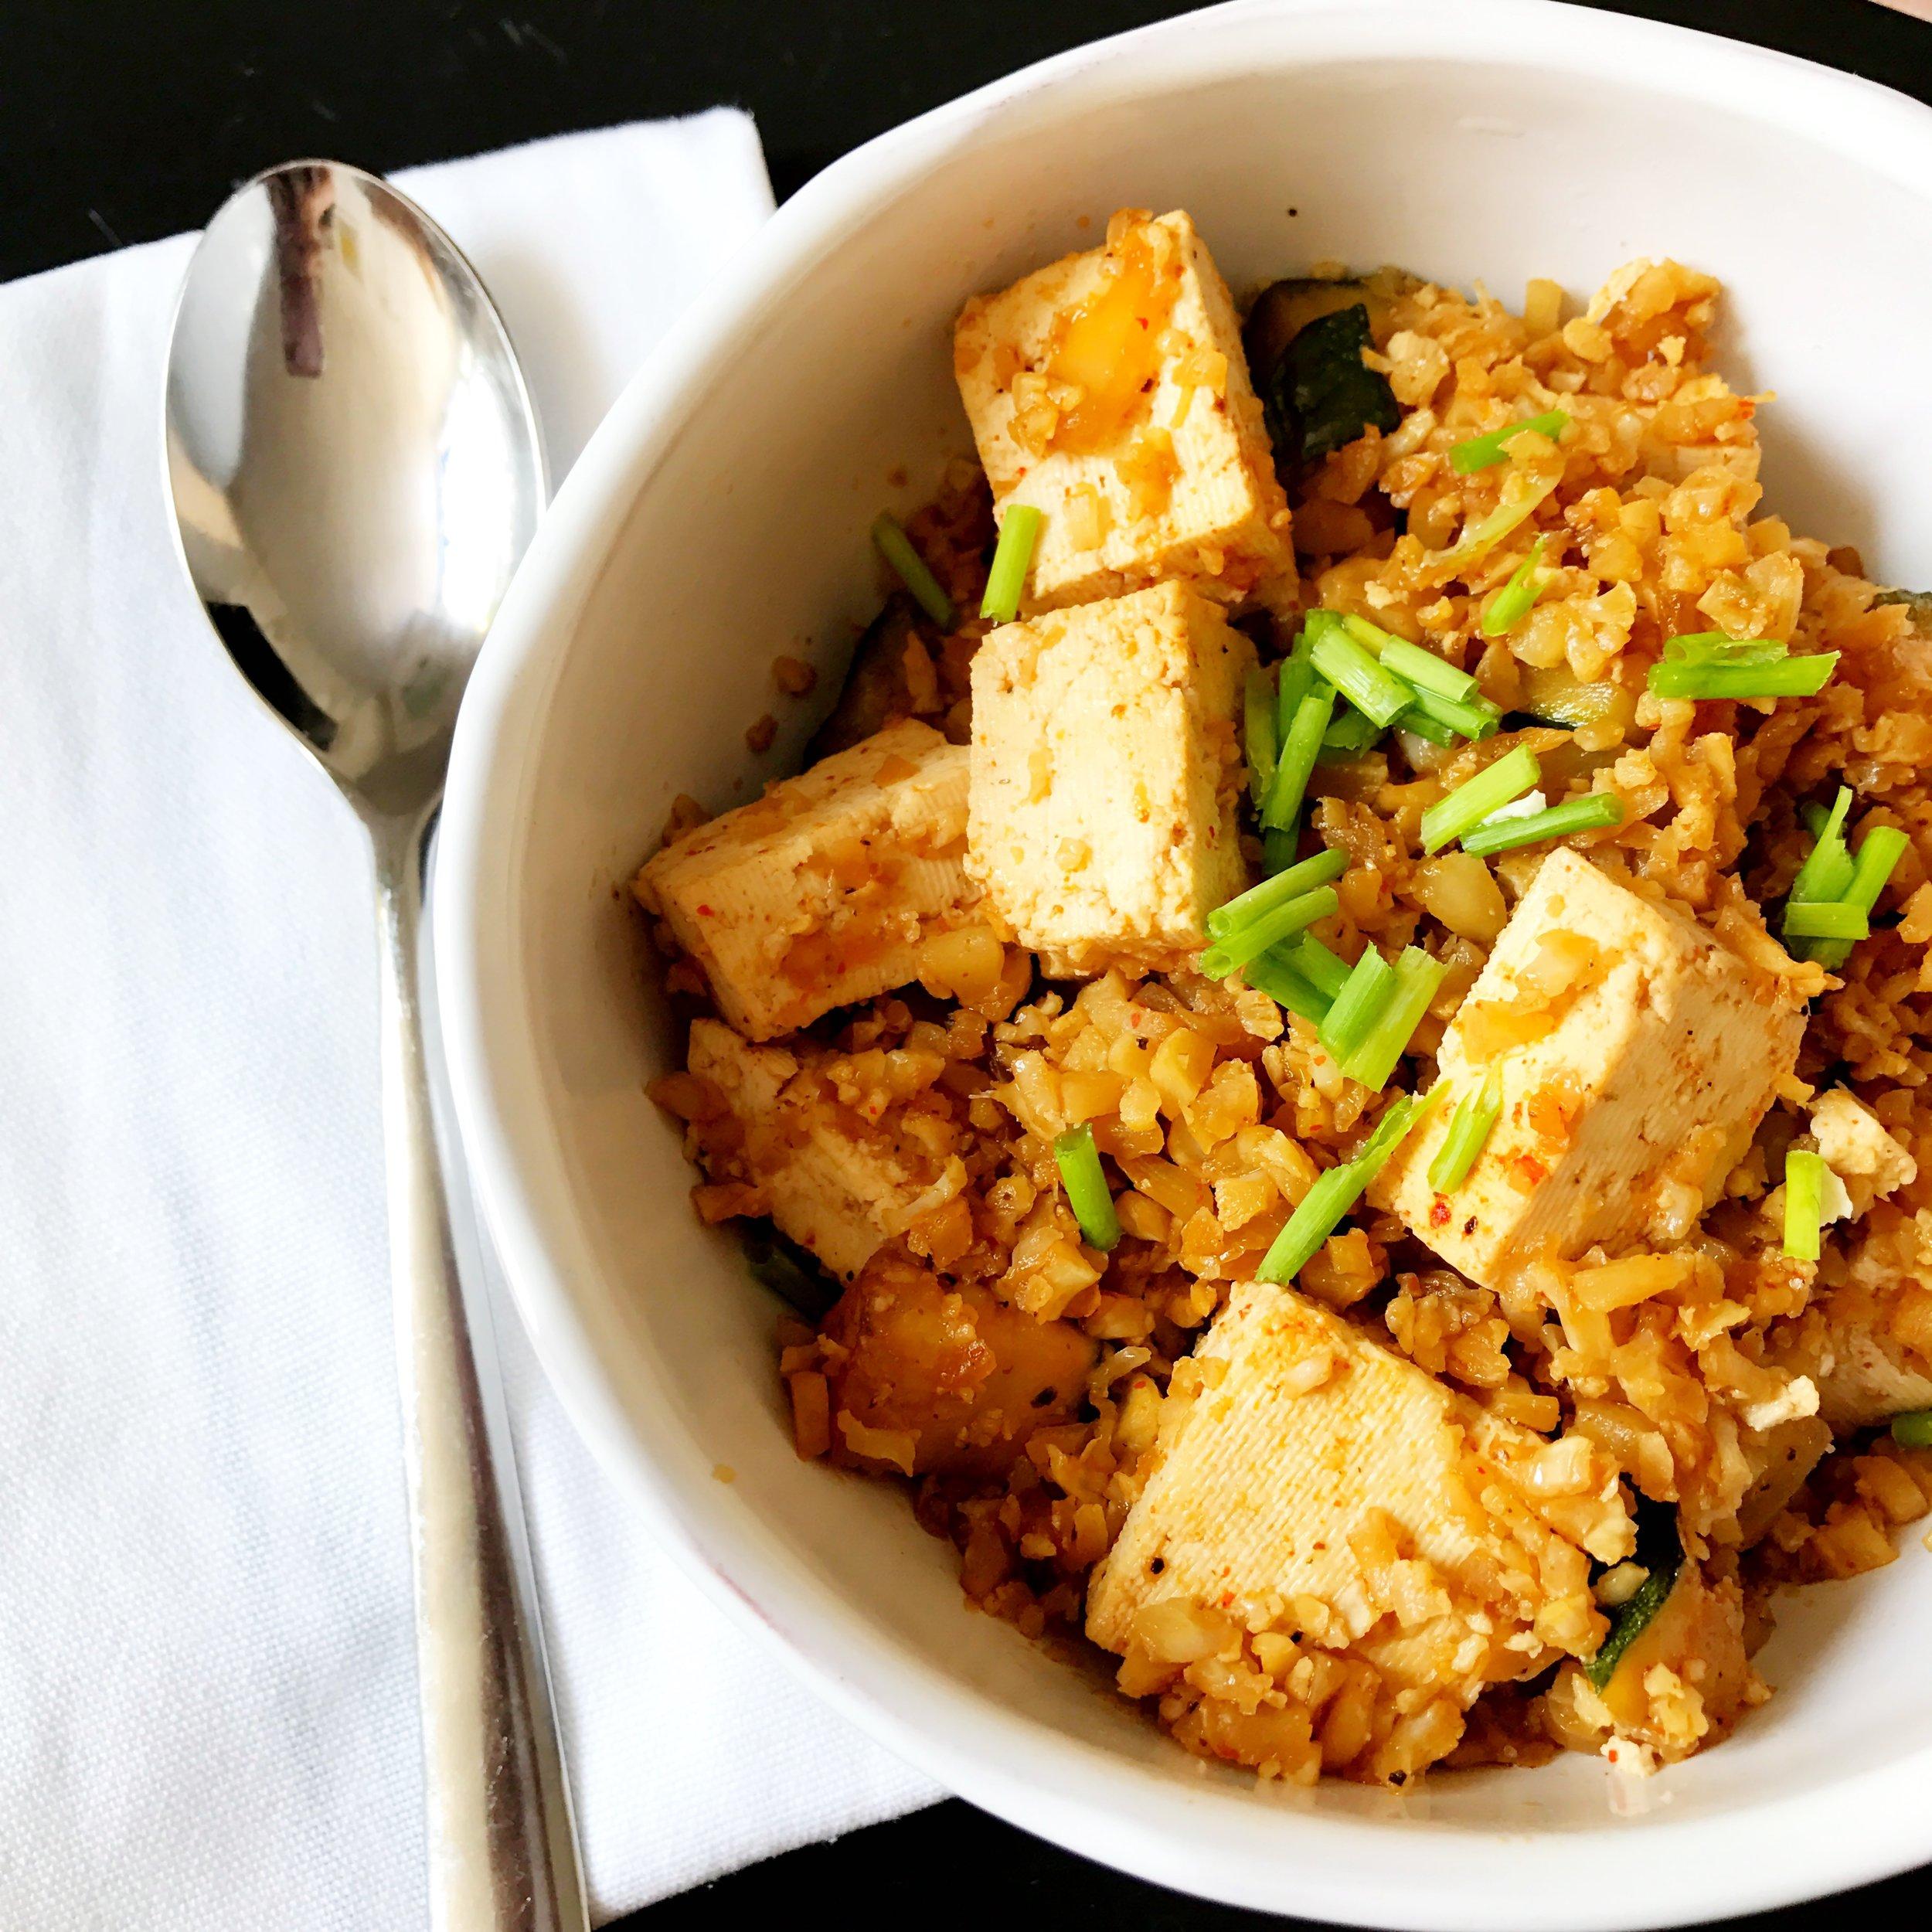 Vegan Cauliflower Fried Rice (Veggies and Tofu)